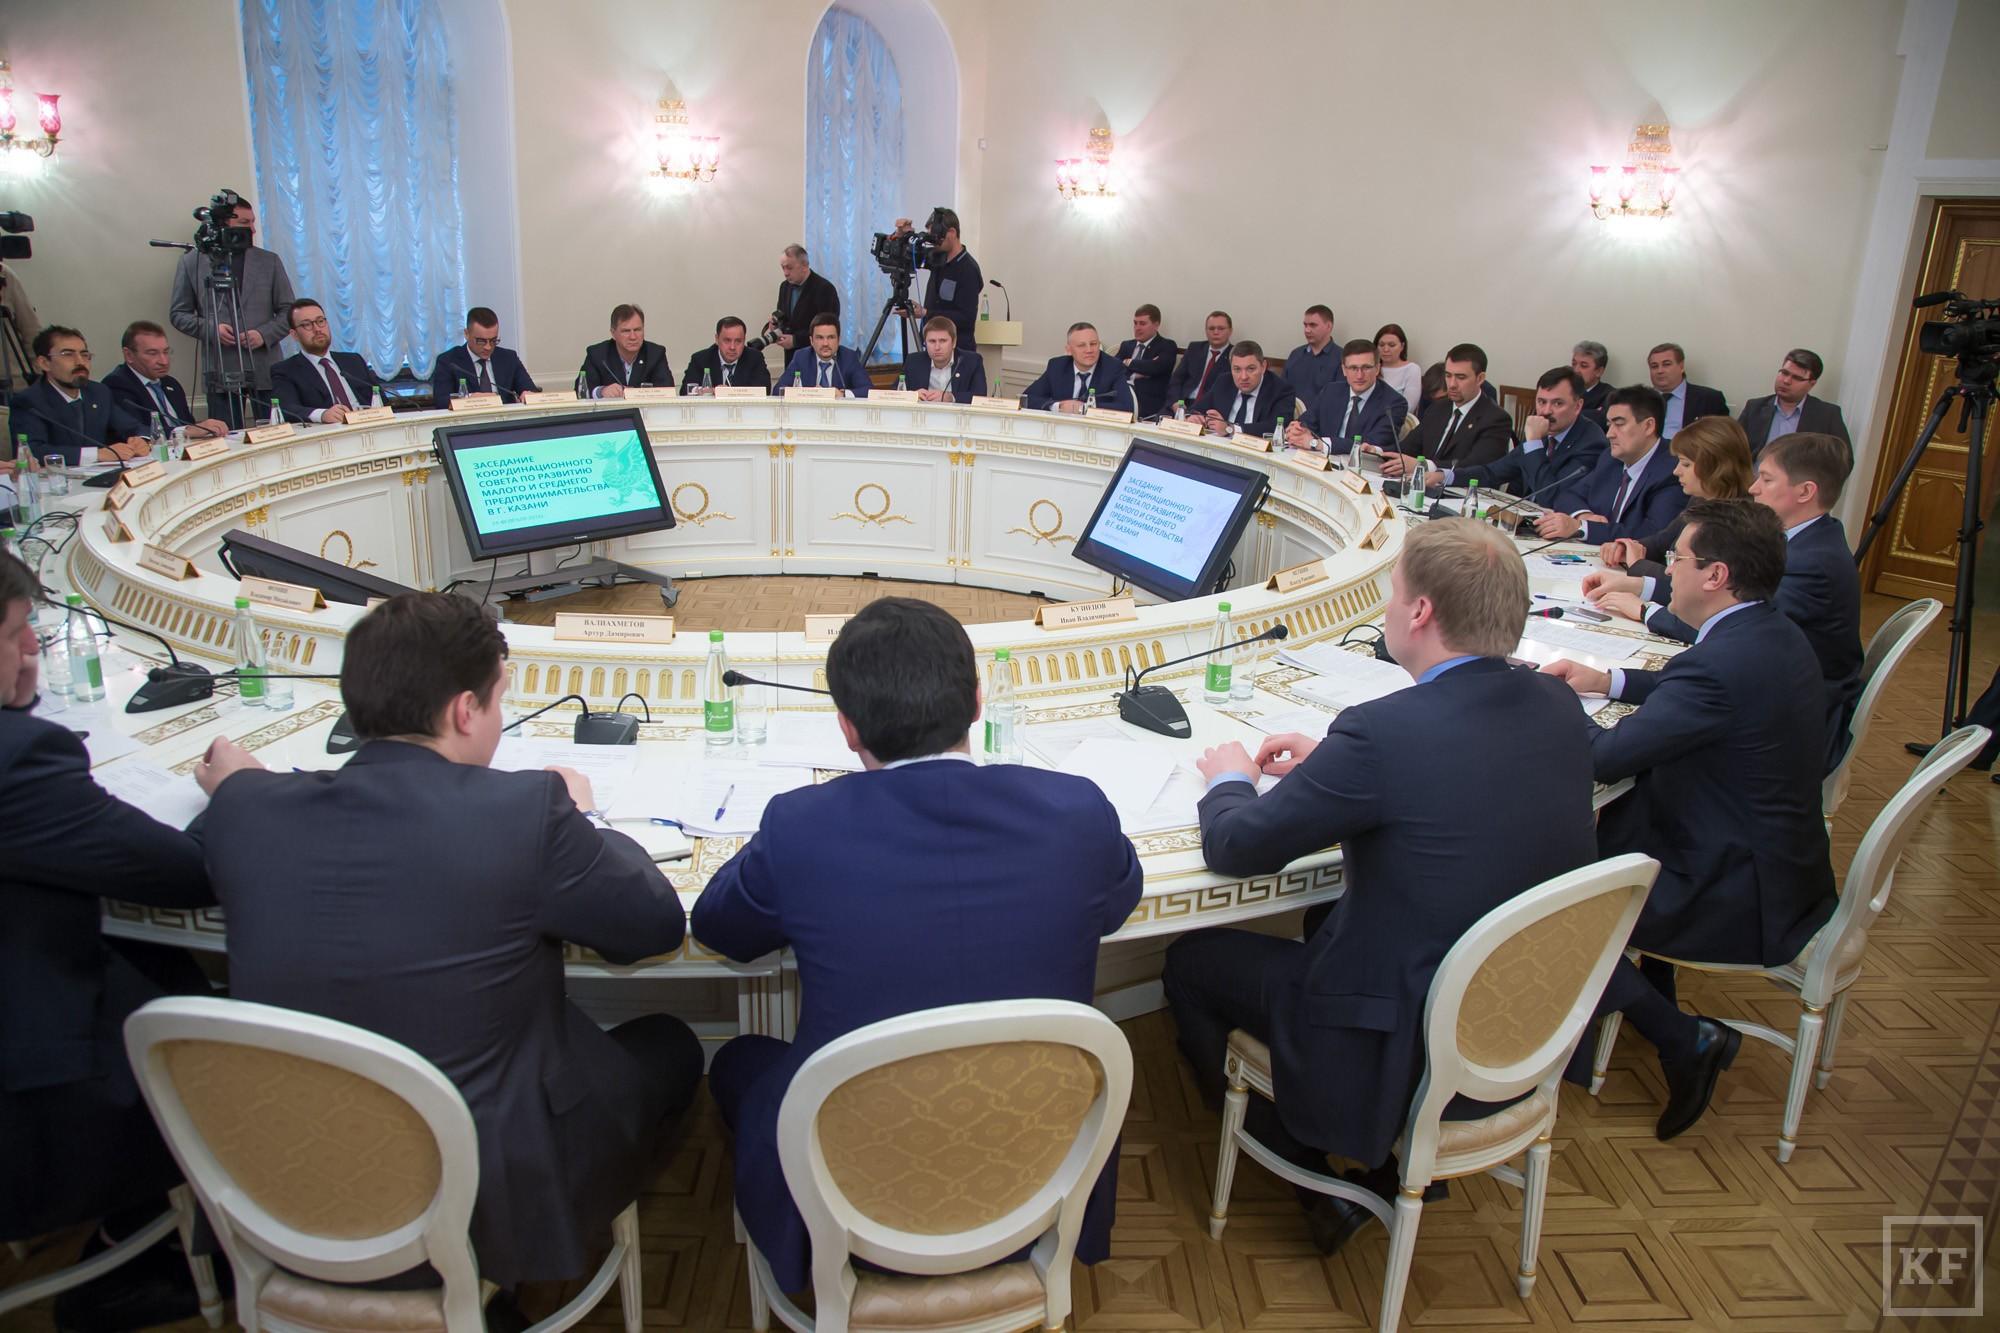 Бизнесмены Казани предложили снизить максимальную сумму льготного кредита до 1 млн рублей